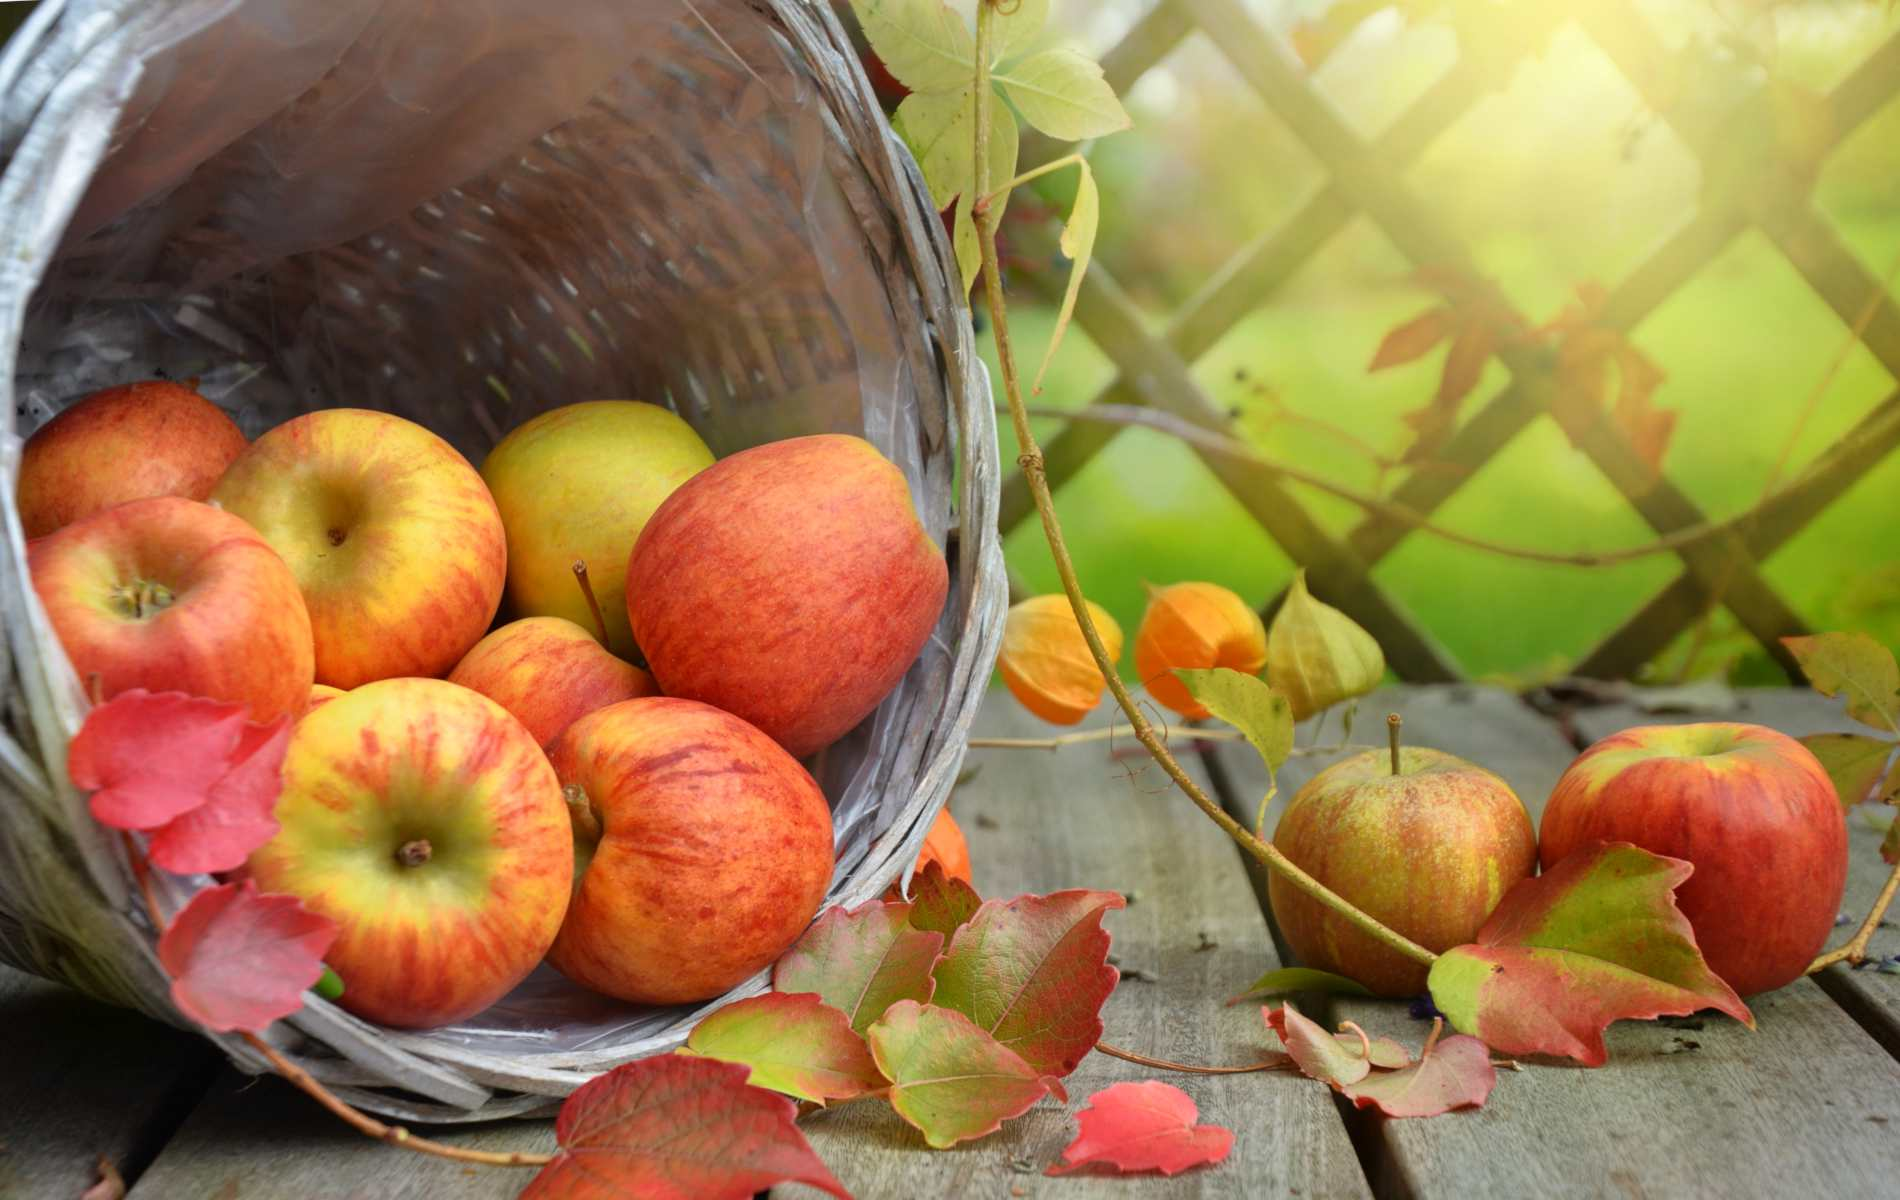 Apples in a tipped wicker basket.